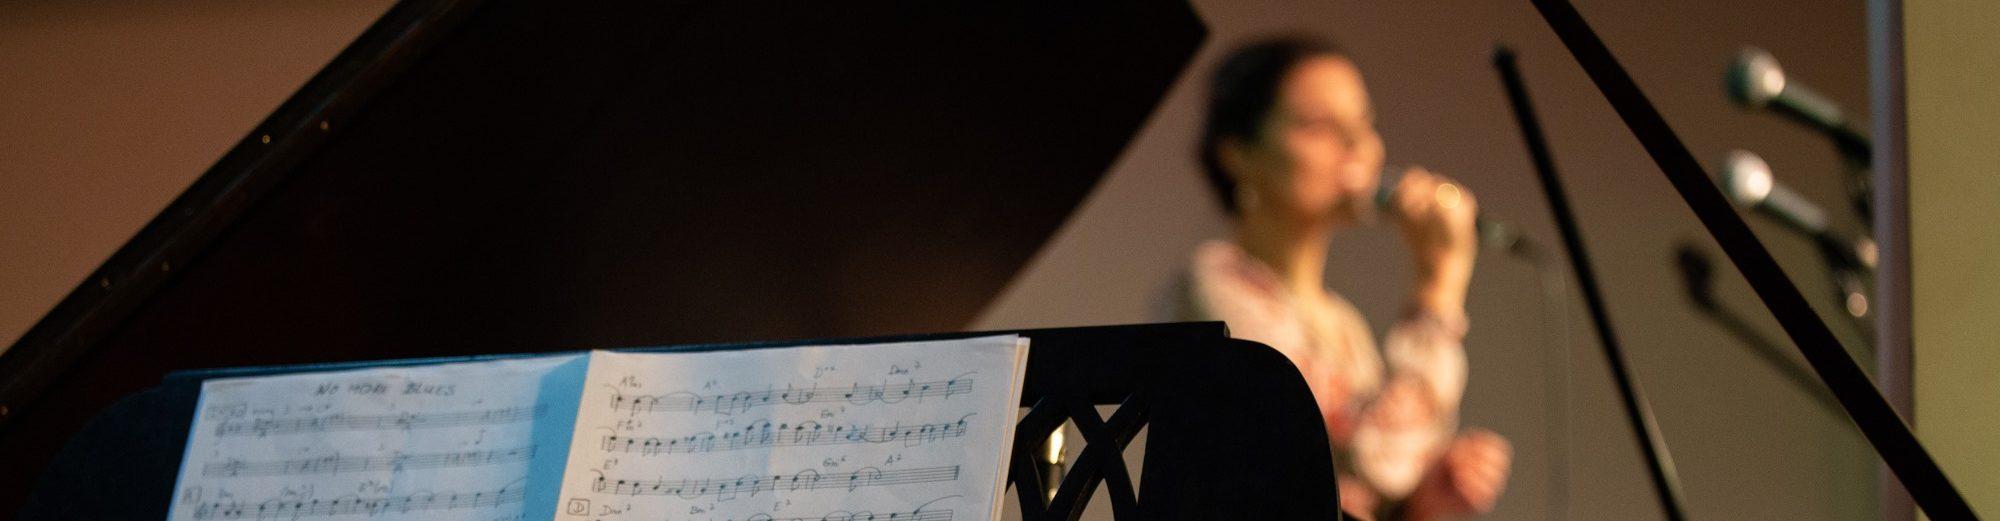 Krakowska Szkoła Jazzu i Muzyki Rozrywkowej